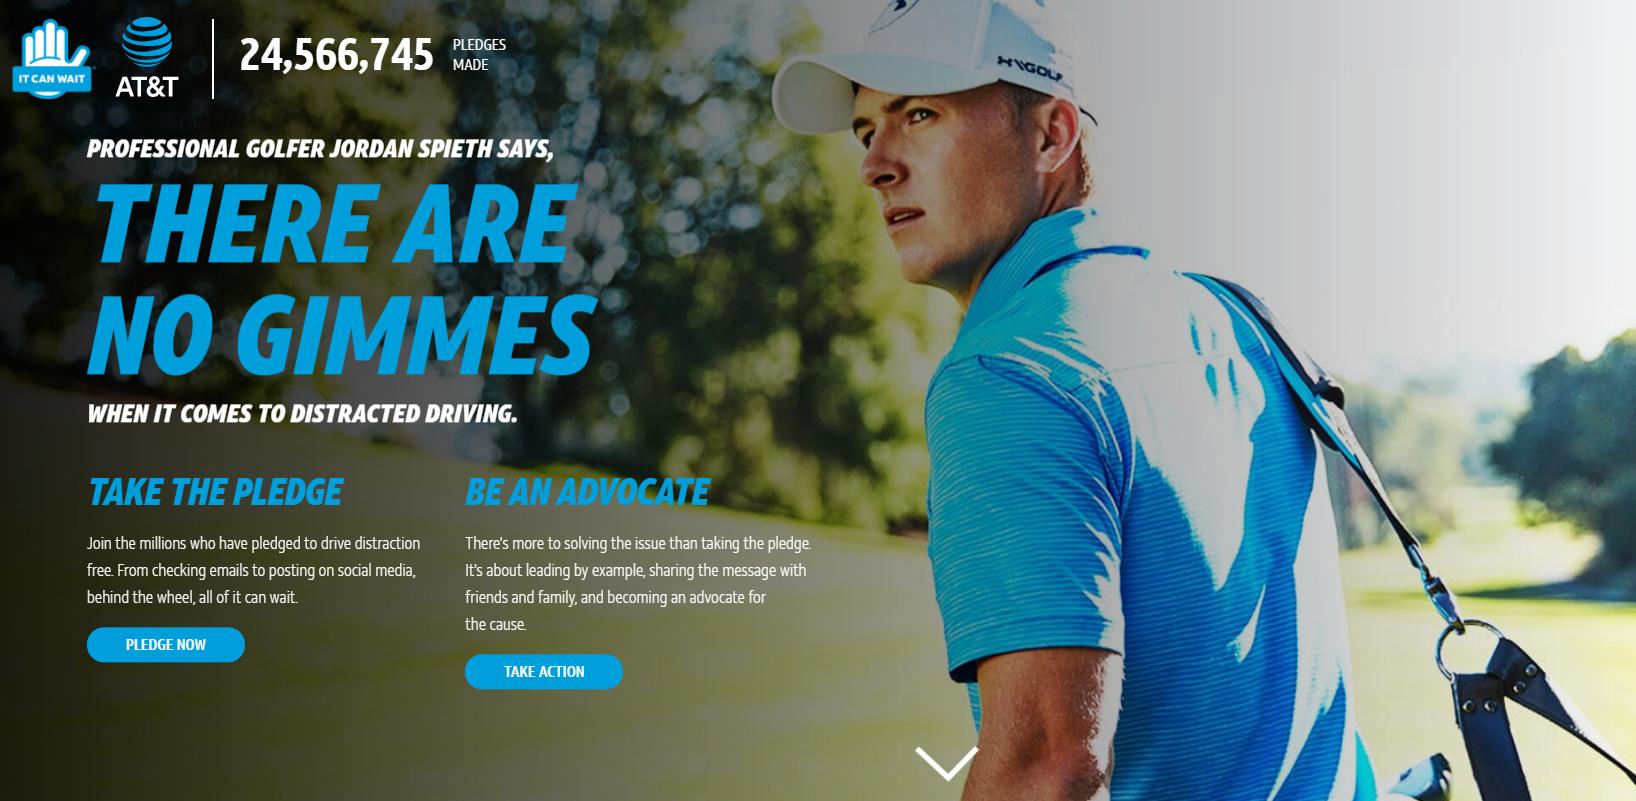 שחקן הגולף ג'ורדן ספית, הפרזנטור של קמפיין הבטיחות של ATT